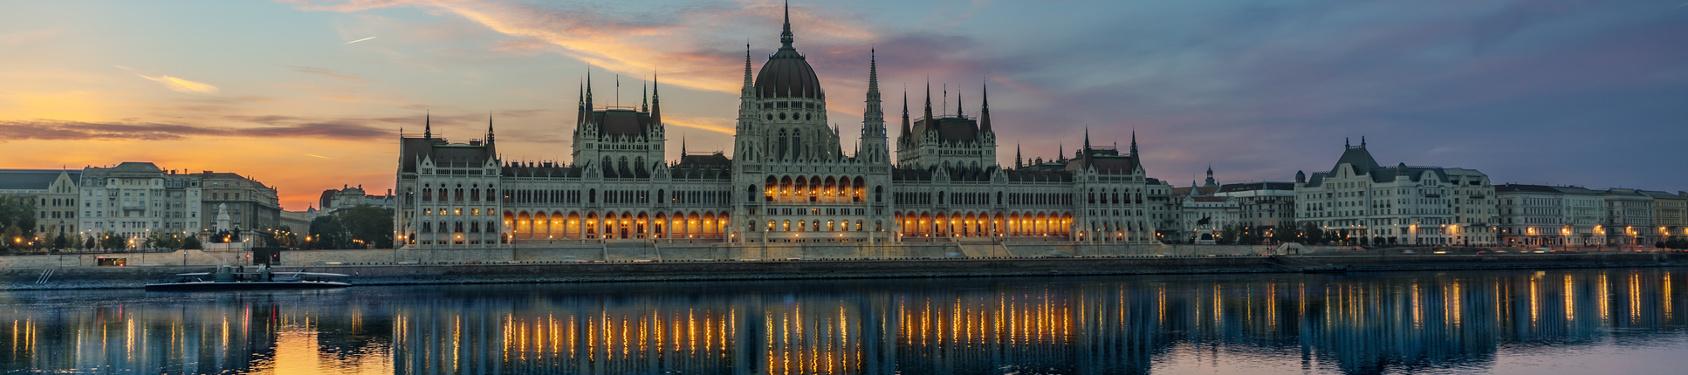 Bild von Ungarn